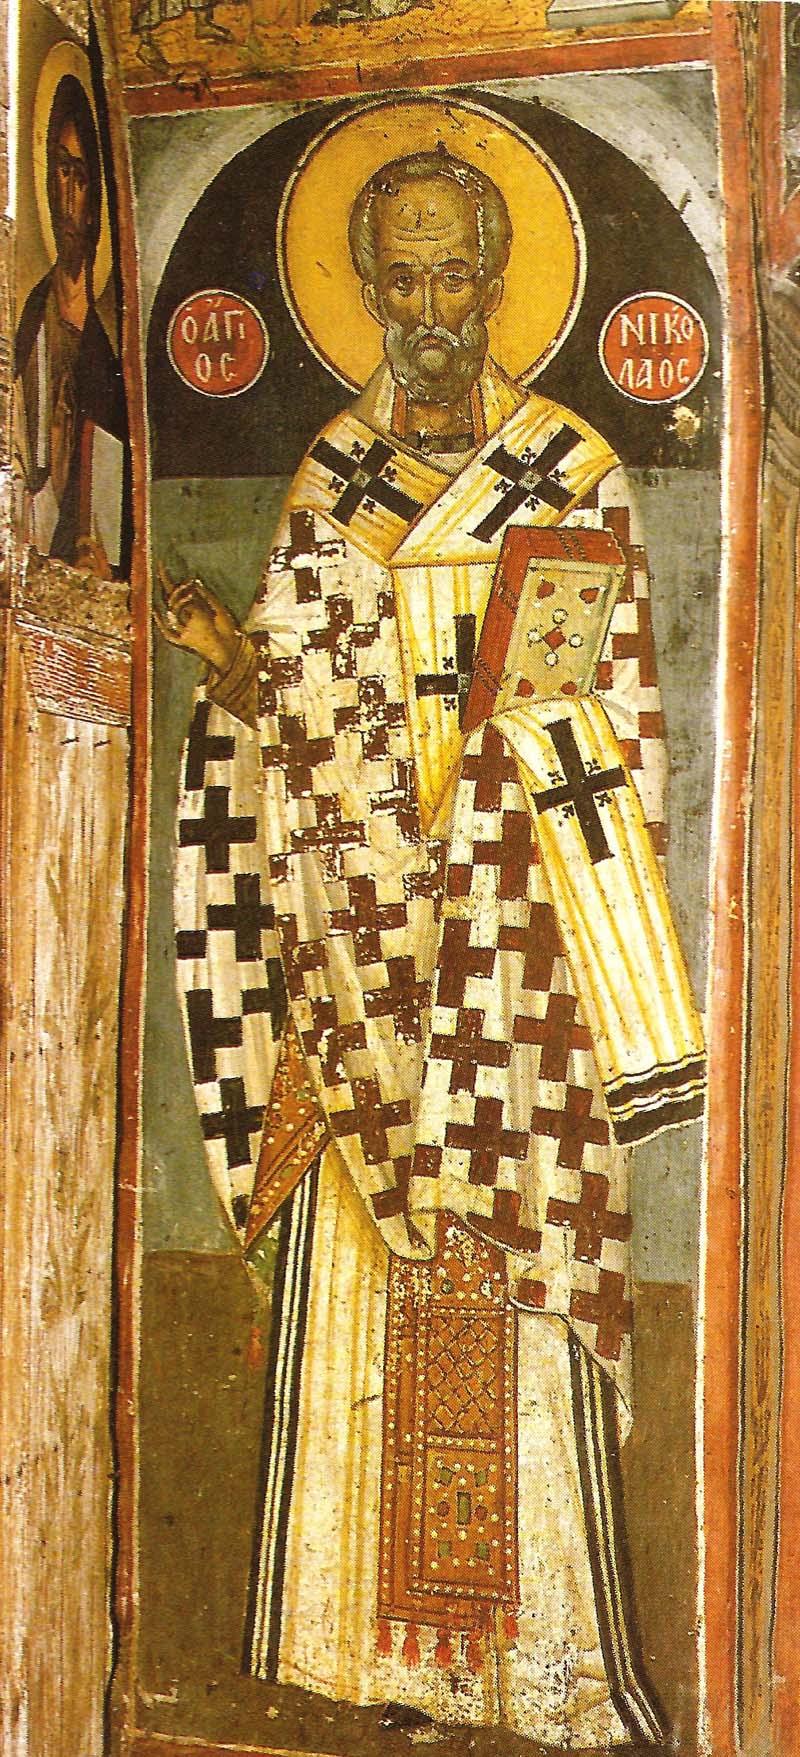 Ο άγιος Νικόλαος. Τοιχογραφία του καθολικού της Ιεράς Μονής Αγίου Νικολάου Αναπαυσά.